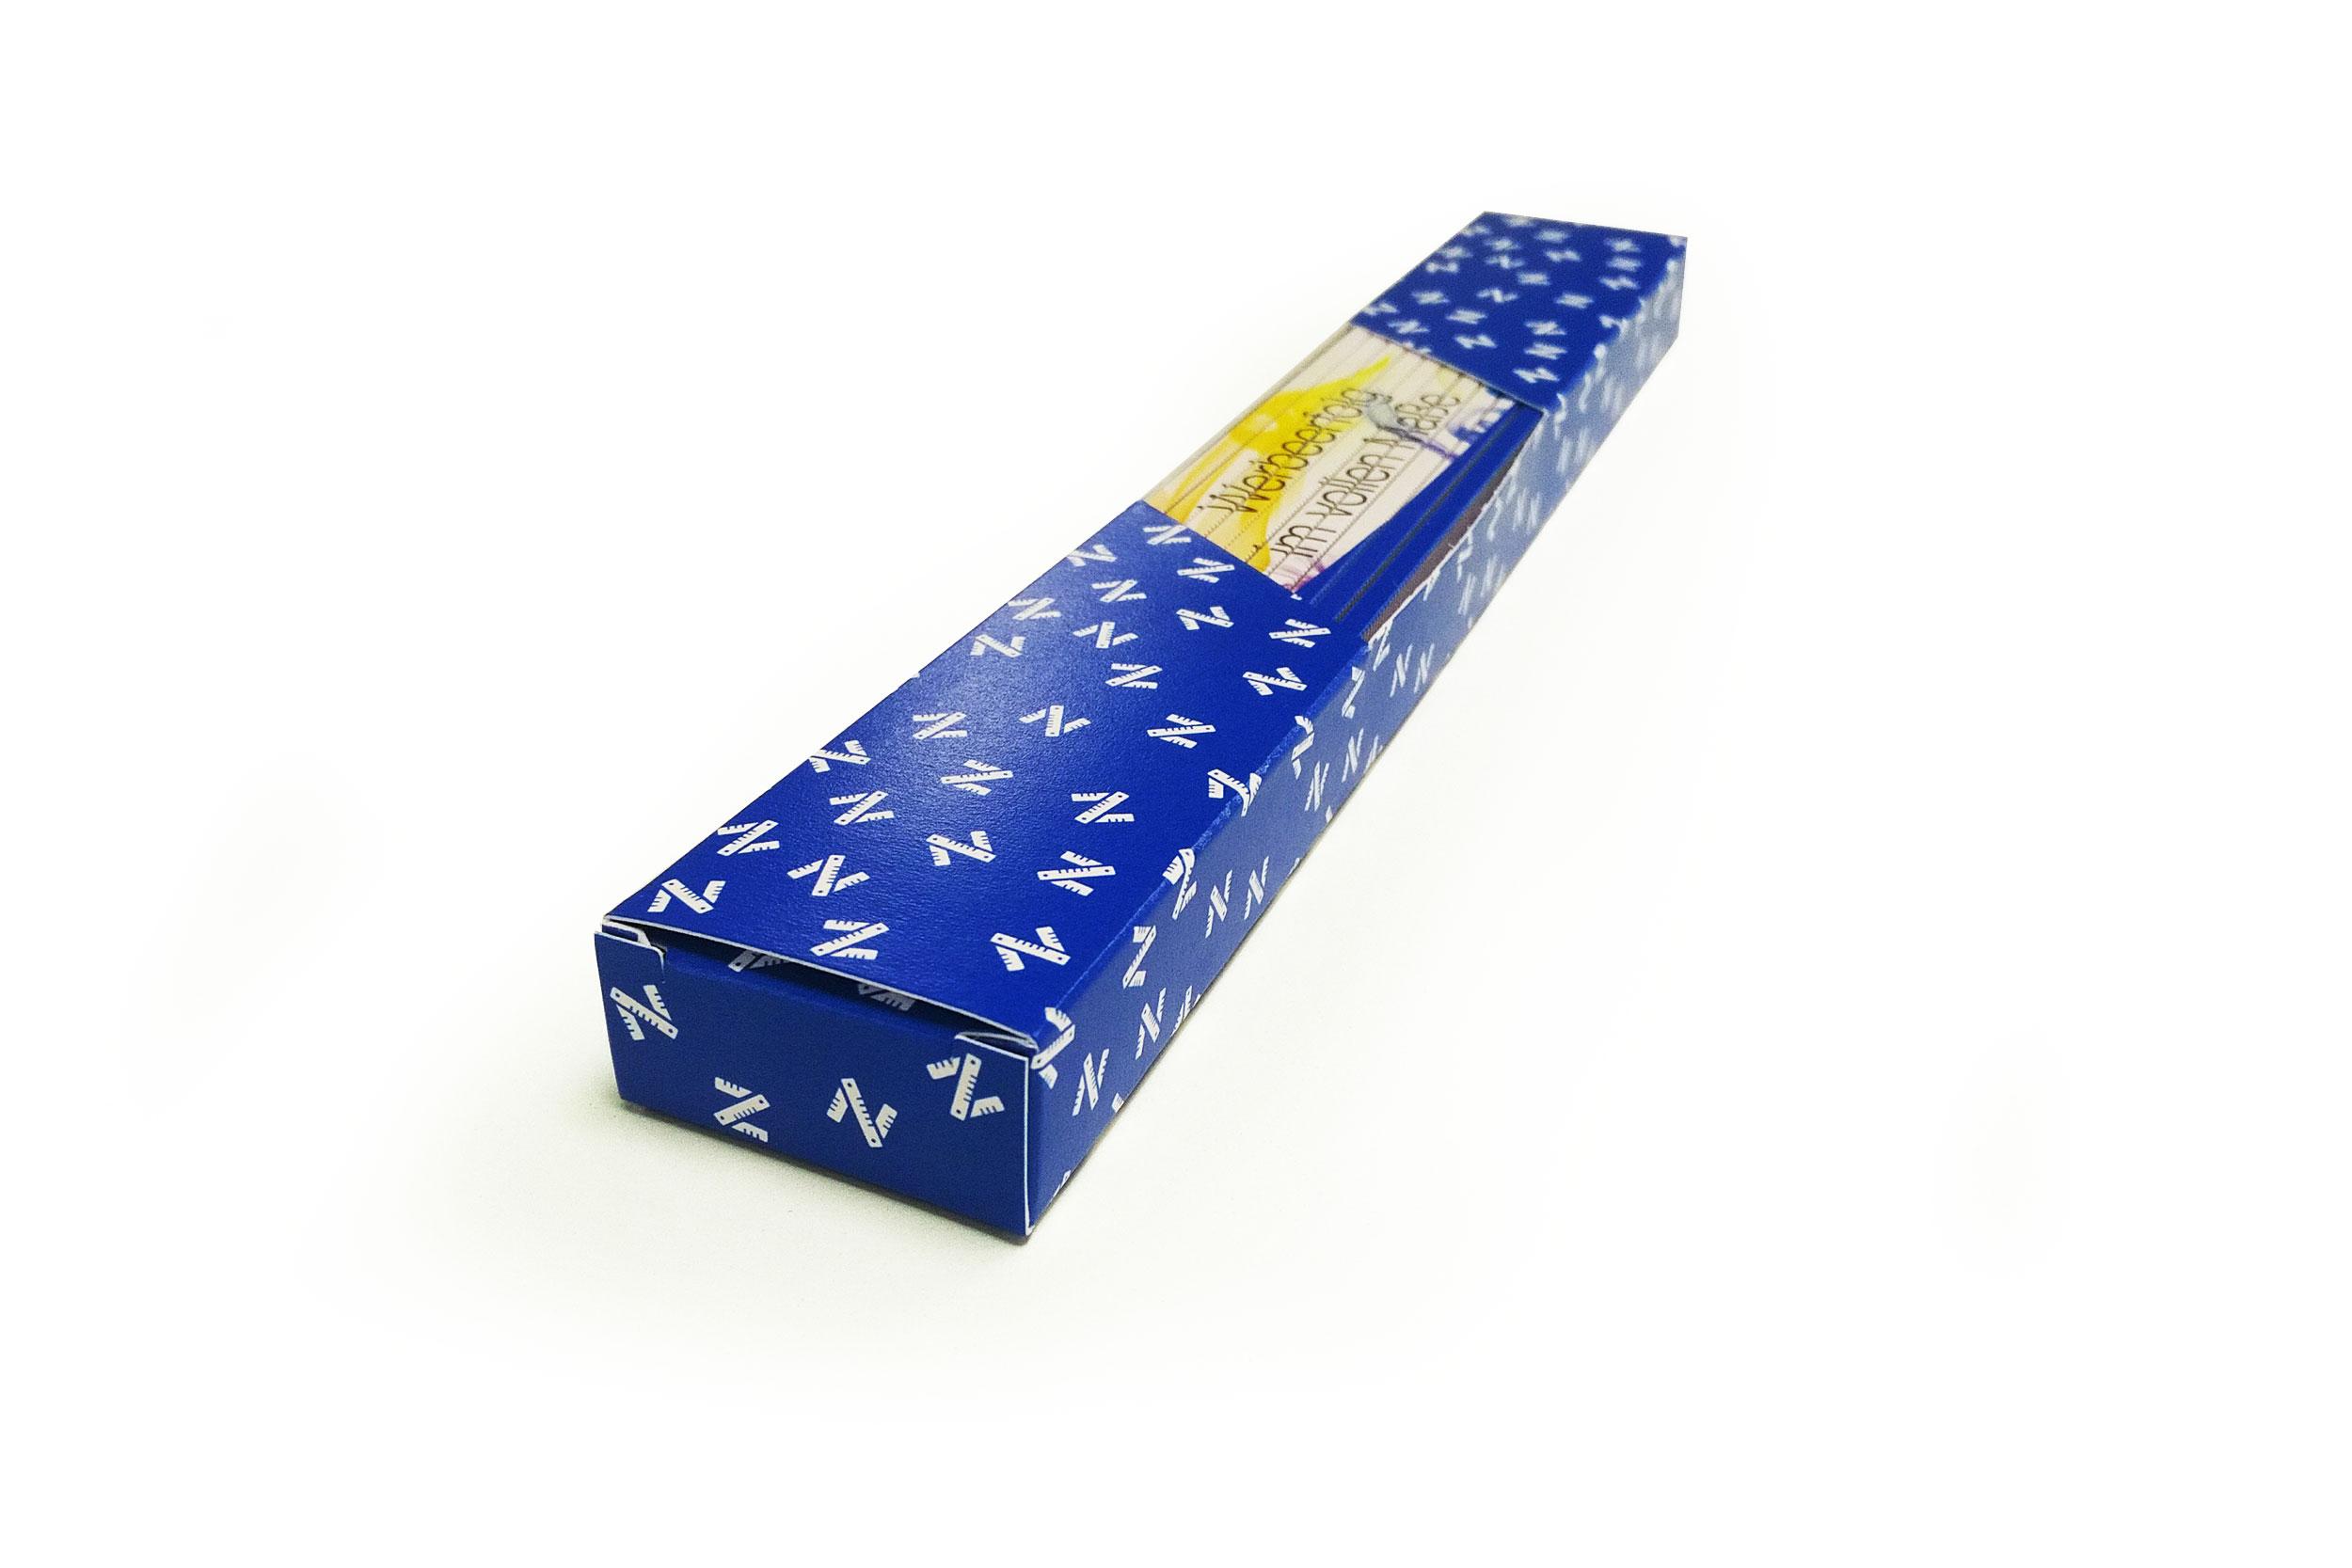 Zollstock Verpackung